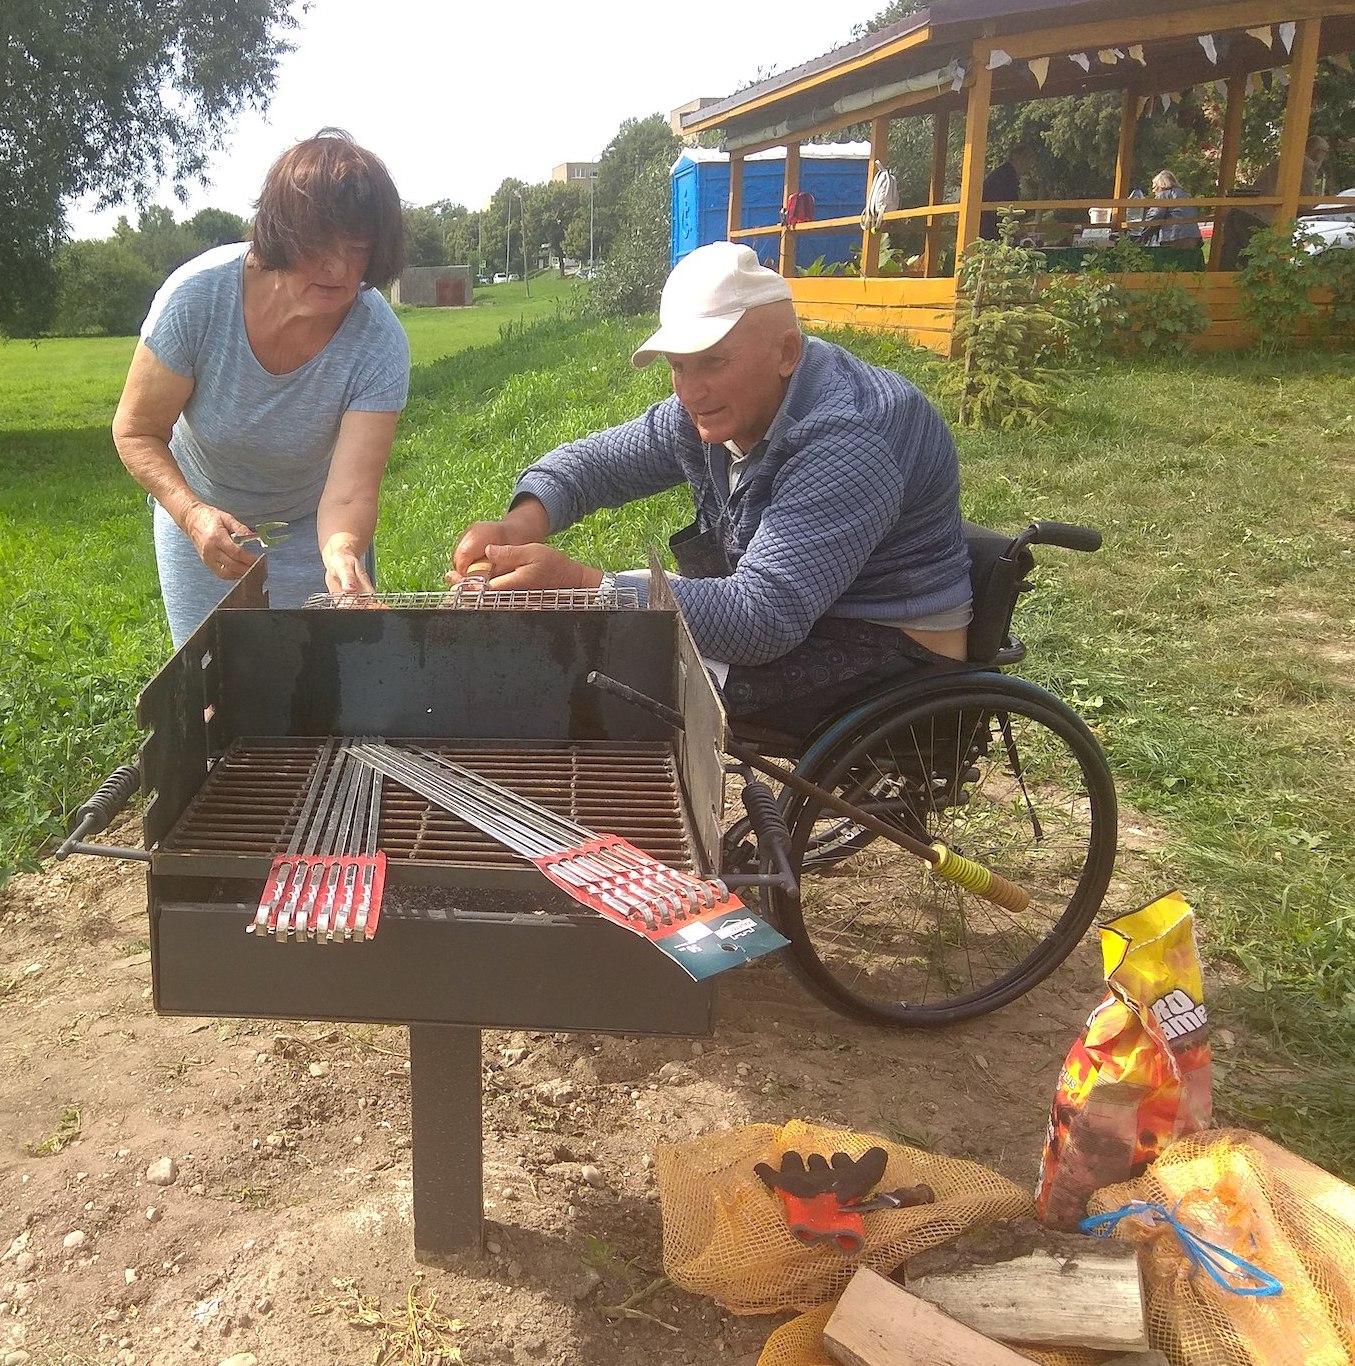 Kėdainiuose išgarsėjęs kaip gamtos švarinimo akcijų organizatorius kraštietis Edgaras Urbonavičius su kolegomis sakė, kad kepsninė veikia puikiai, neįgalieji ja labai patenkinti./ Dimitrijaus Kuprijanovo nuotr.